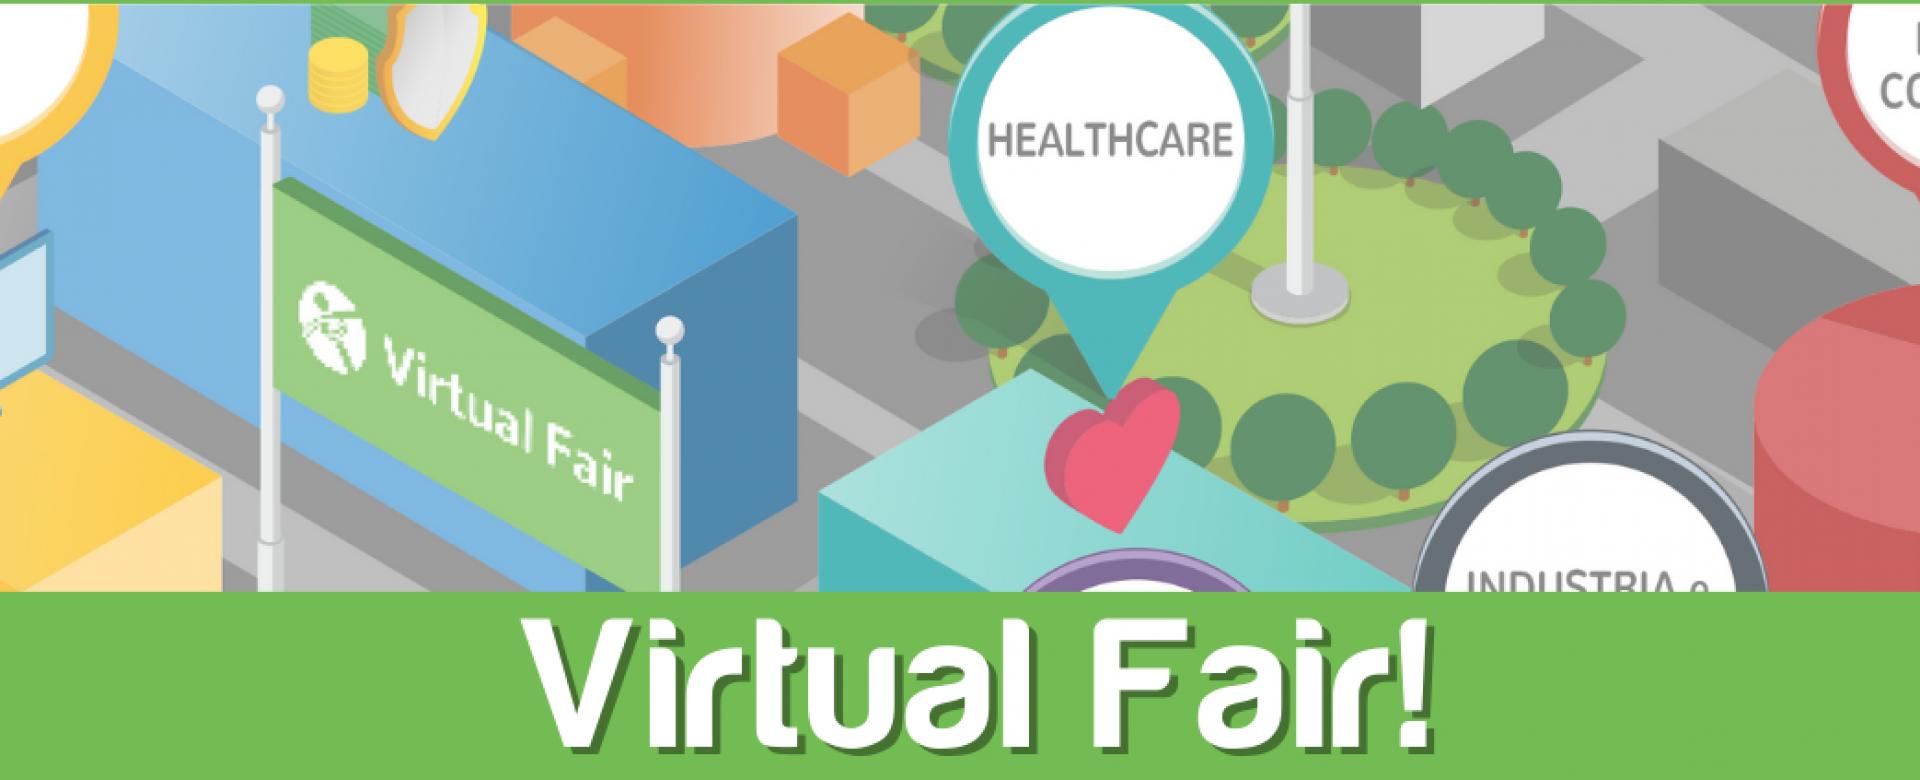 18.10.2019 - Virtual Fair 12.12.2019 | 30.01.2020